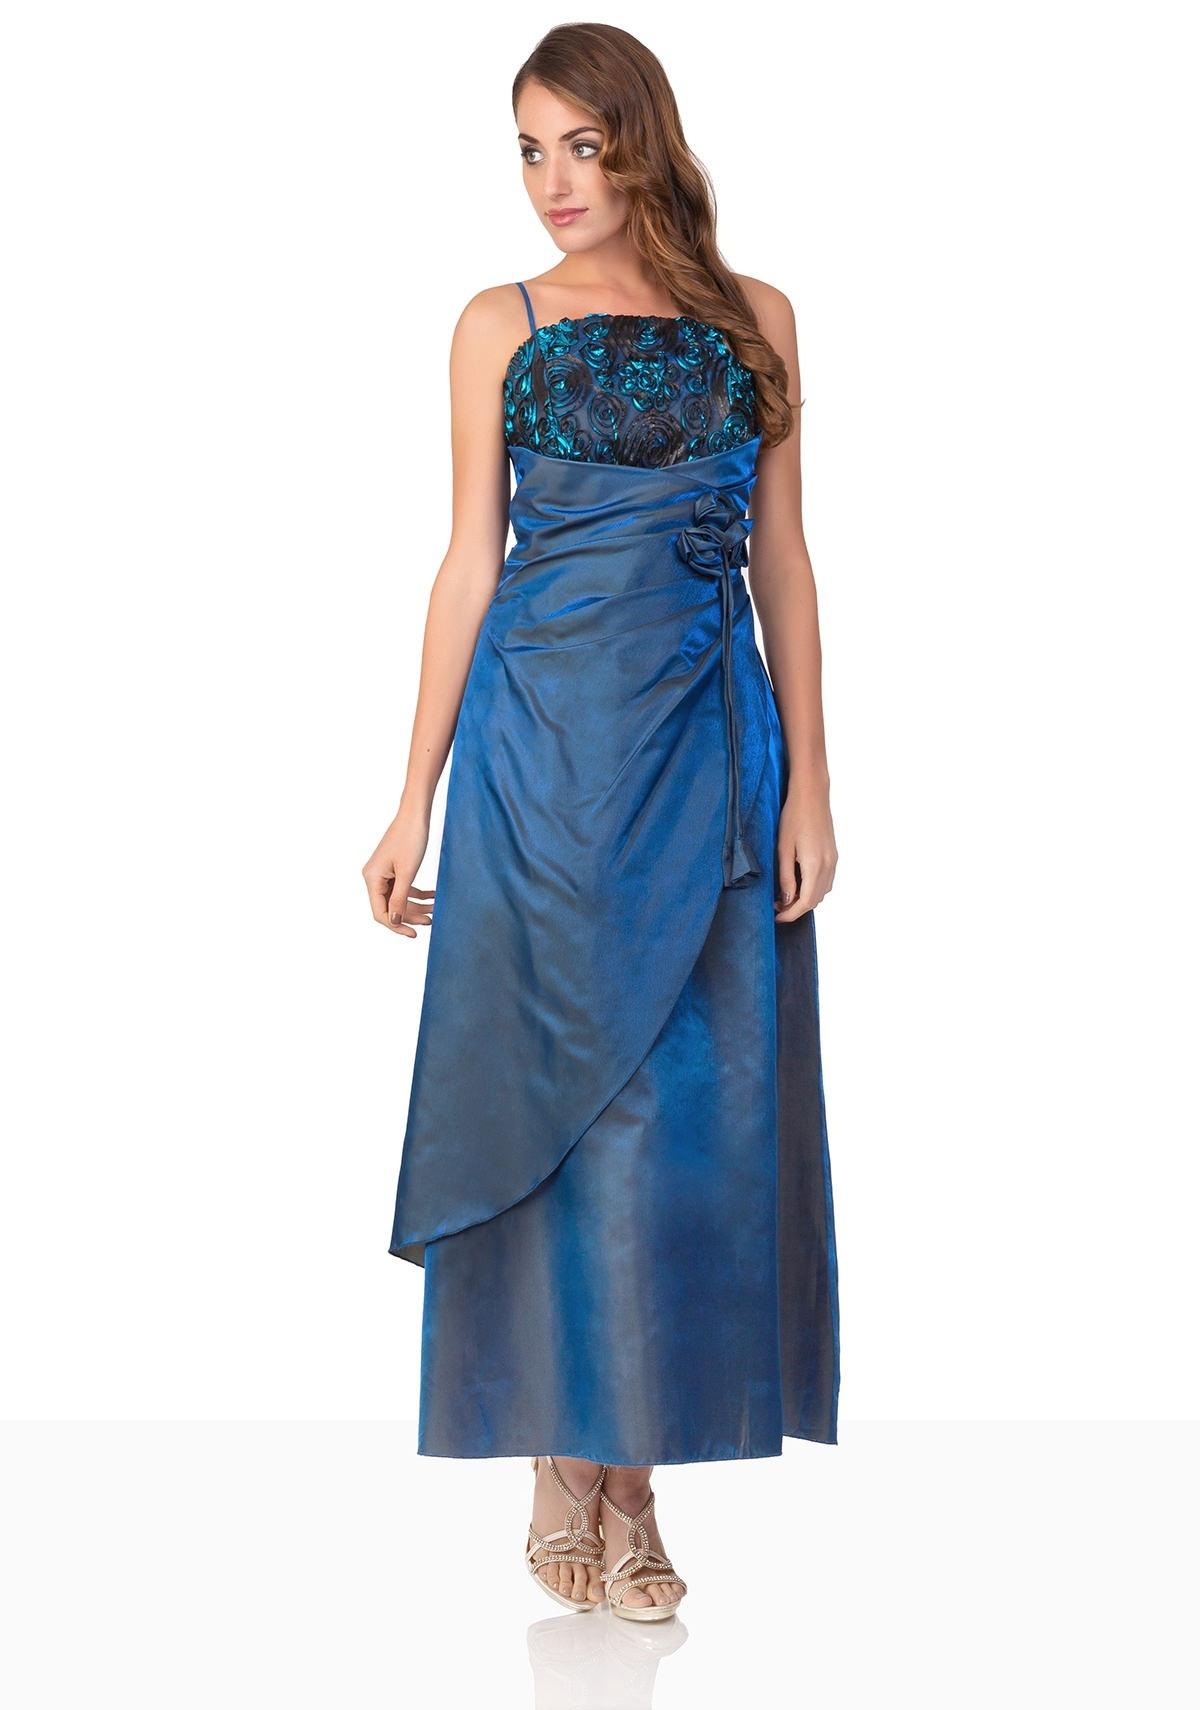 13 Kreativ Preiswerte Abendkleider Boutique13 Genial Preiswerte Abendkleider für 2019